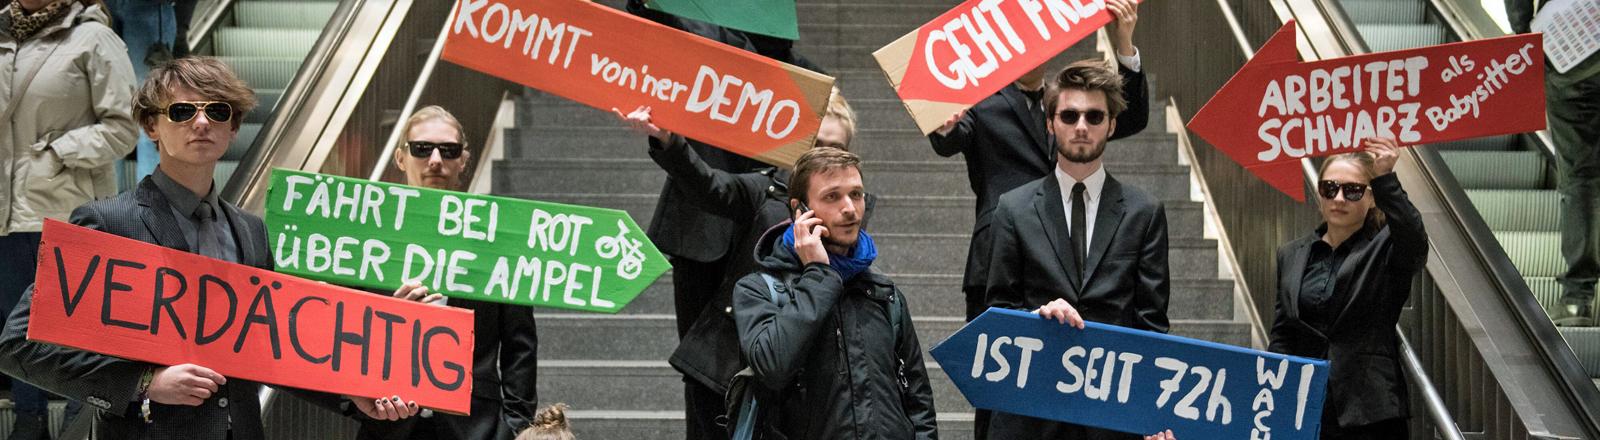 Aktion gegen Überwachung am Berliner Bahnhof Südkreuz.